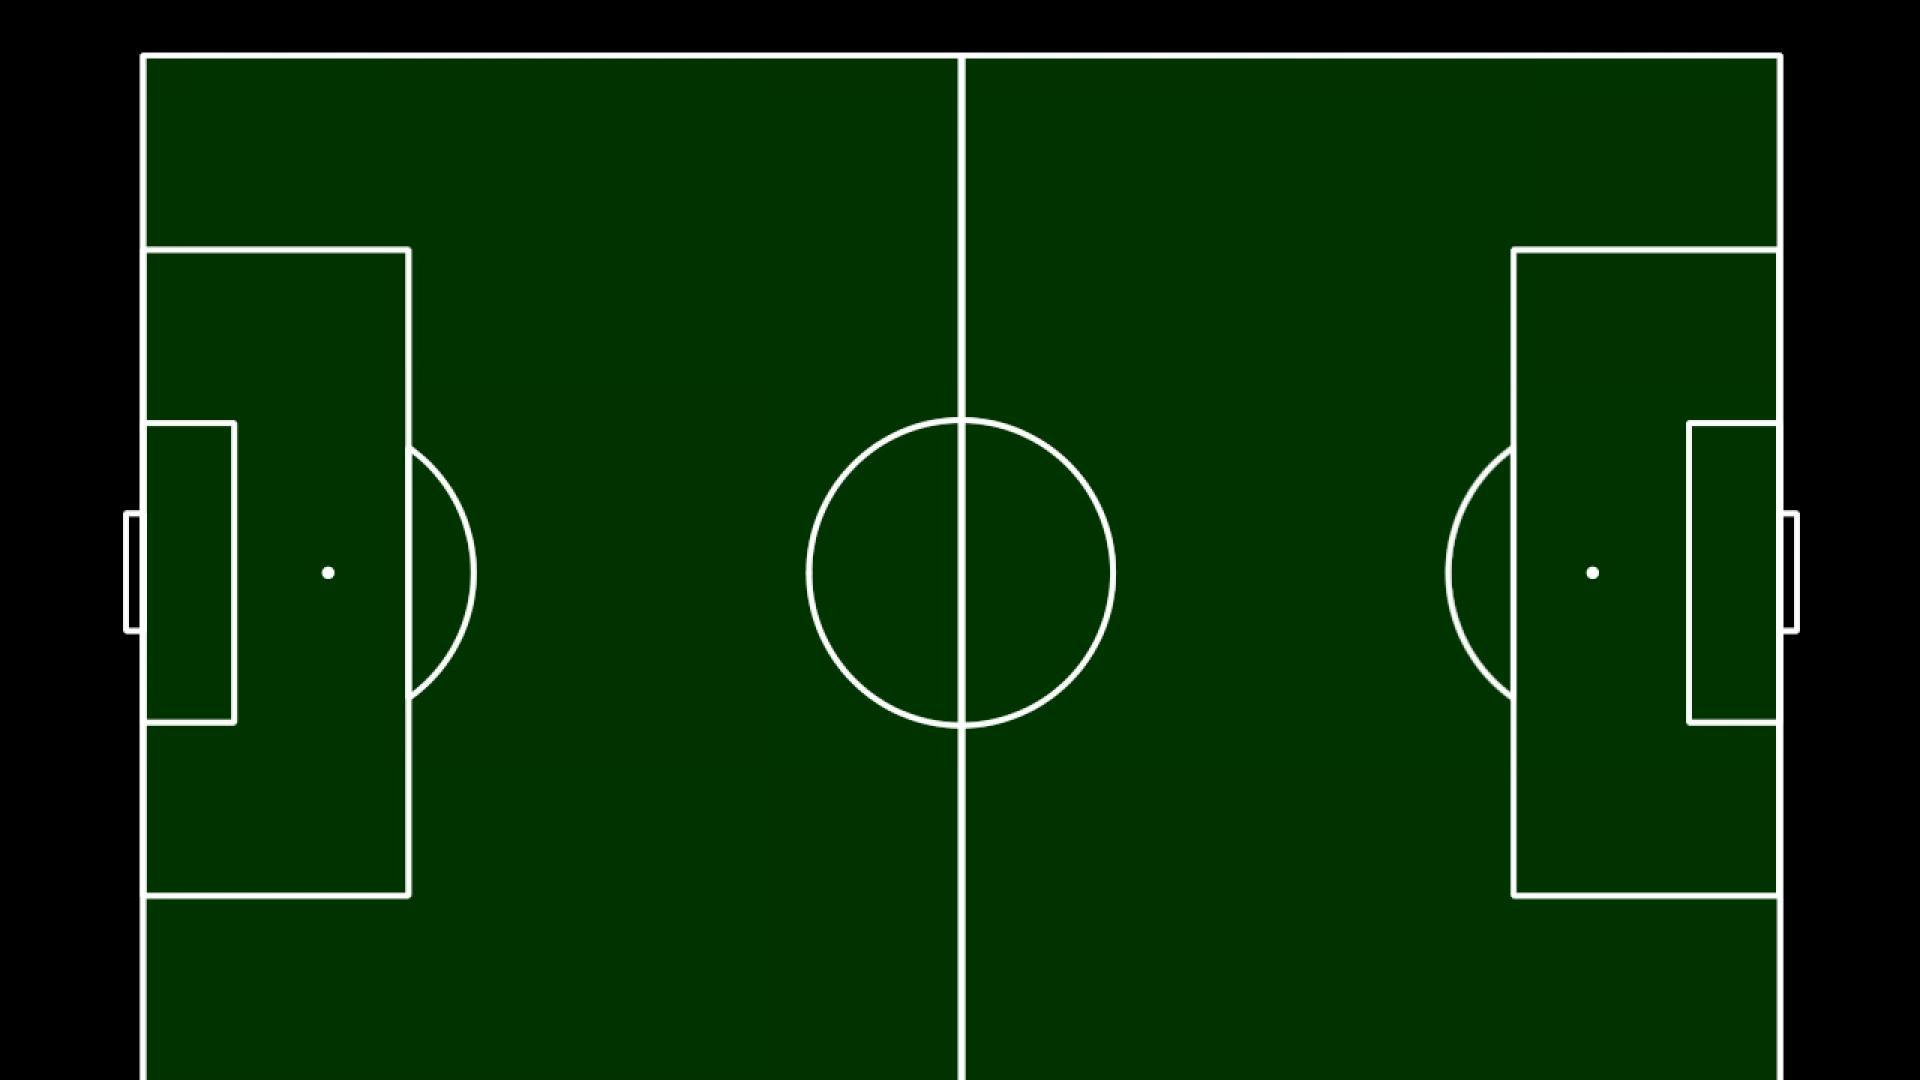 3d Line Drawing Game : Football field cartoon clipart best